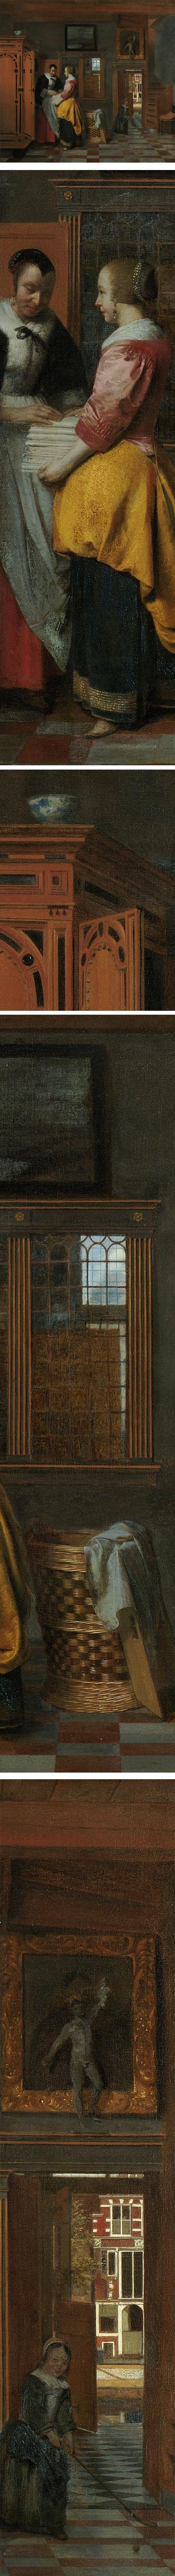 Interior with Women beside a Linen Cupboard, Pieter de Hooch, keyhole painting